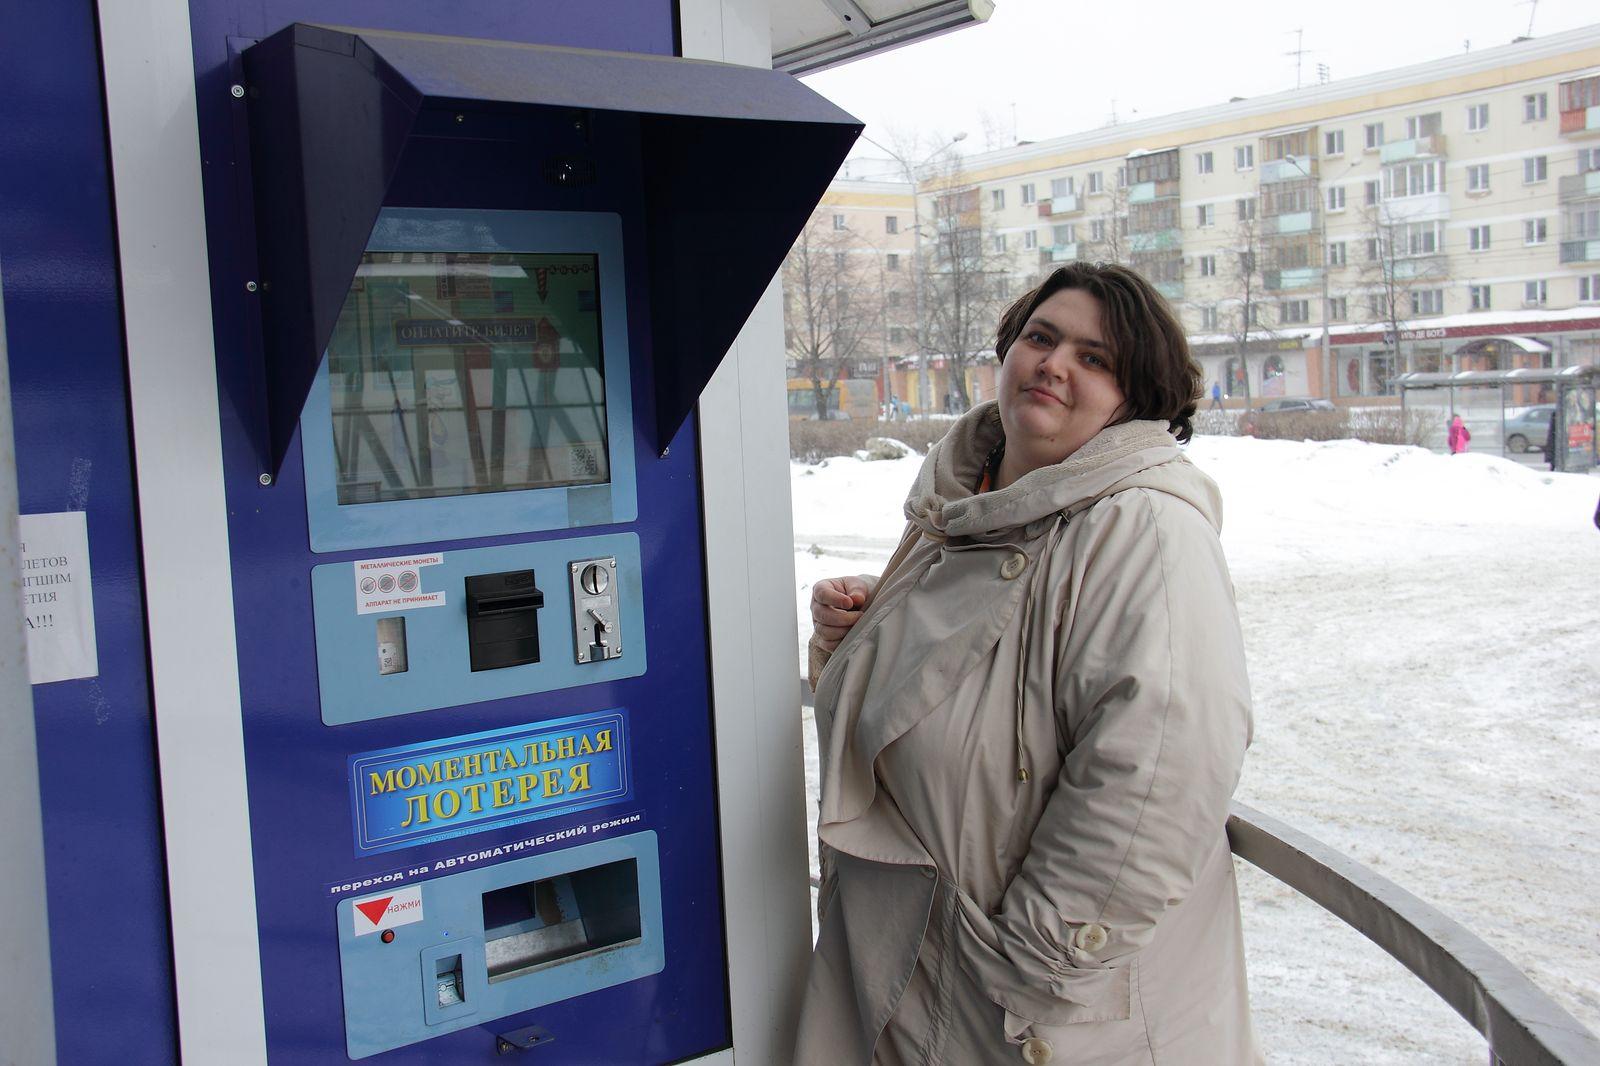 Игровые автоматы 5 руюлей флеш игровые автоматы вулкан